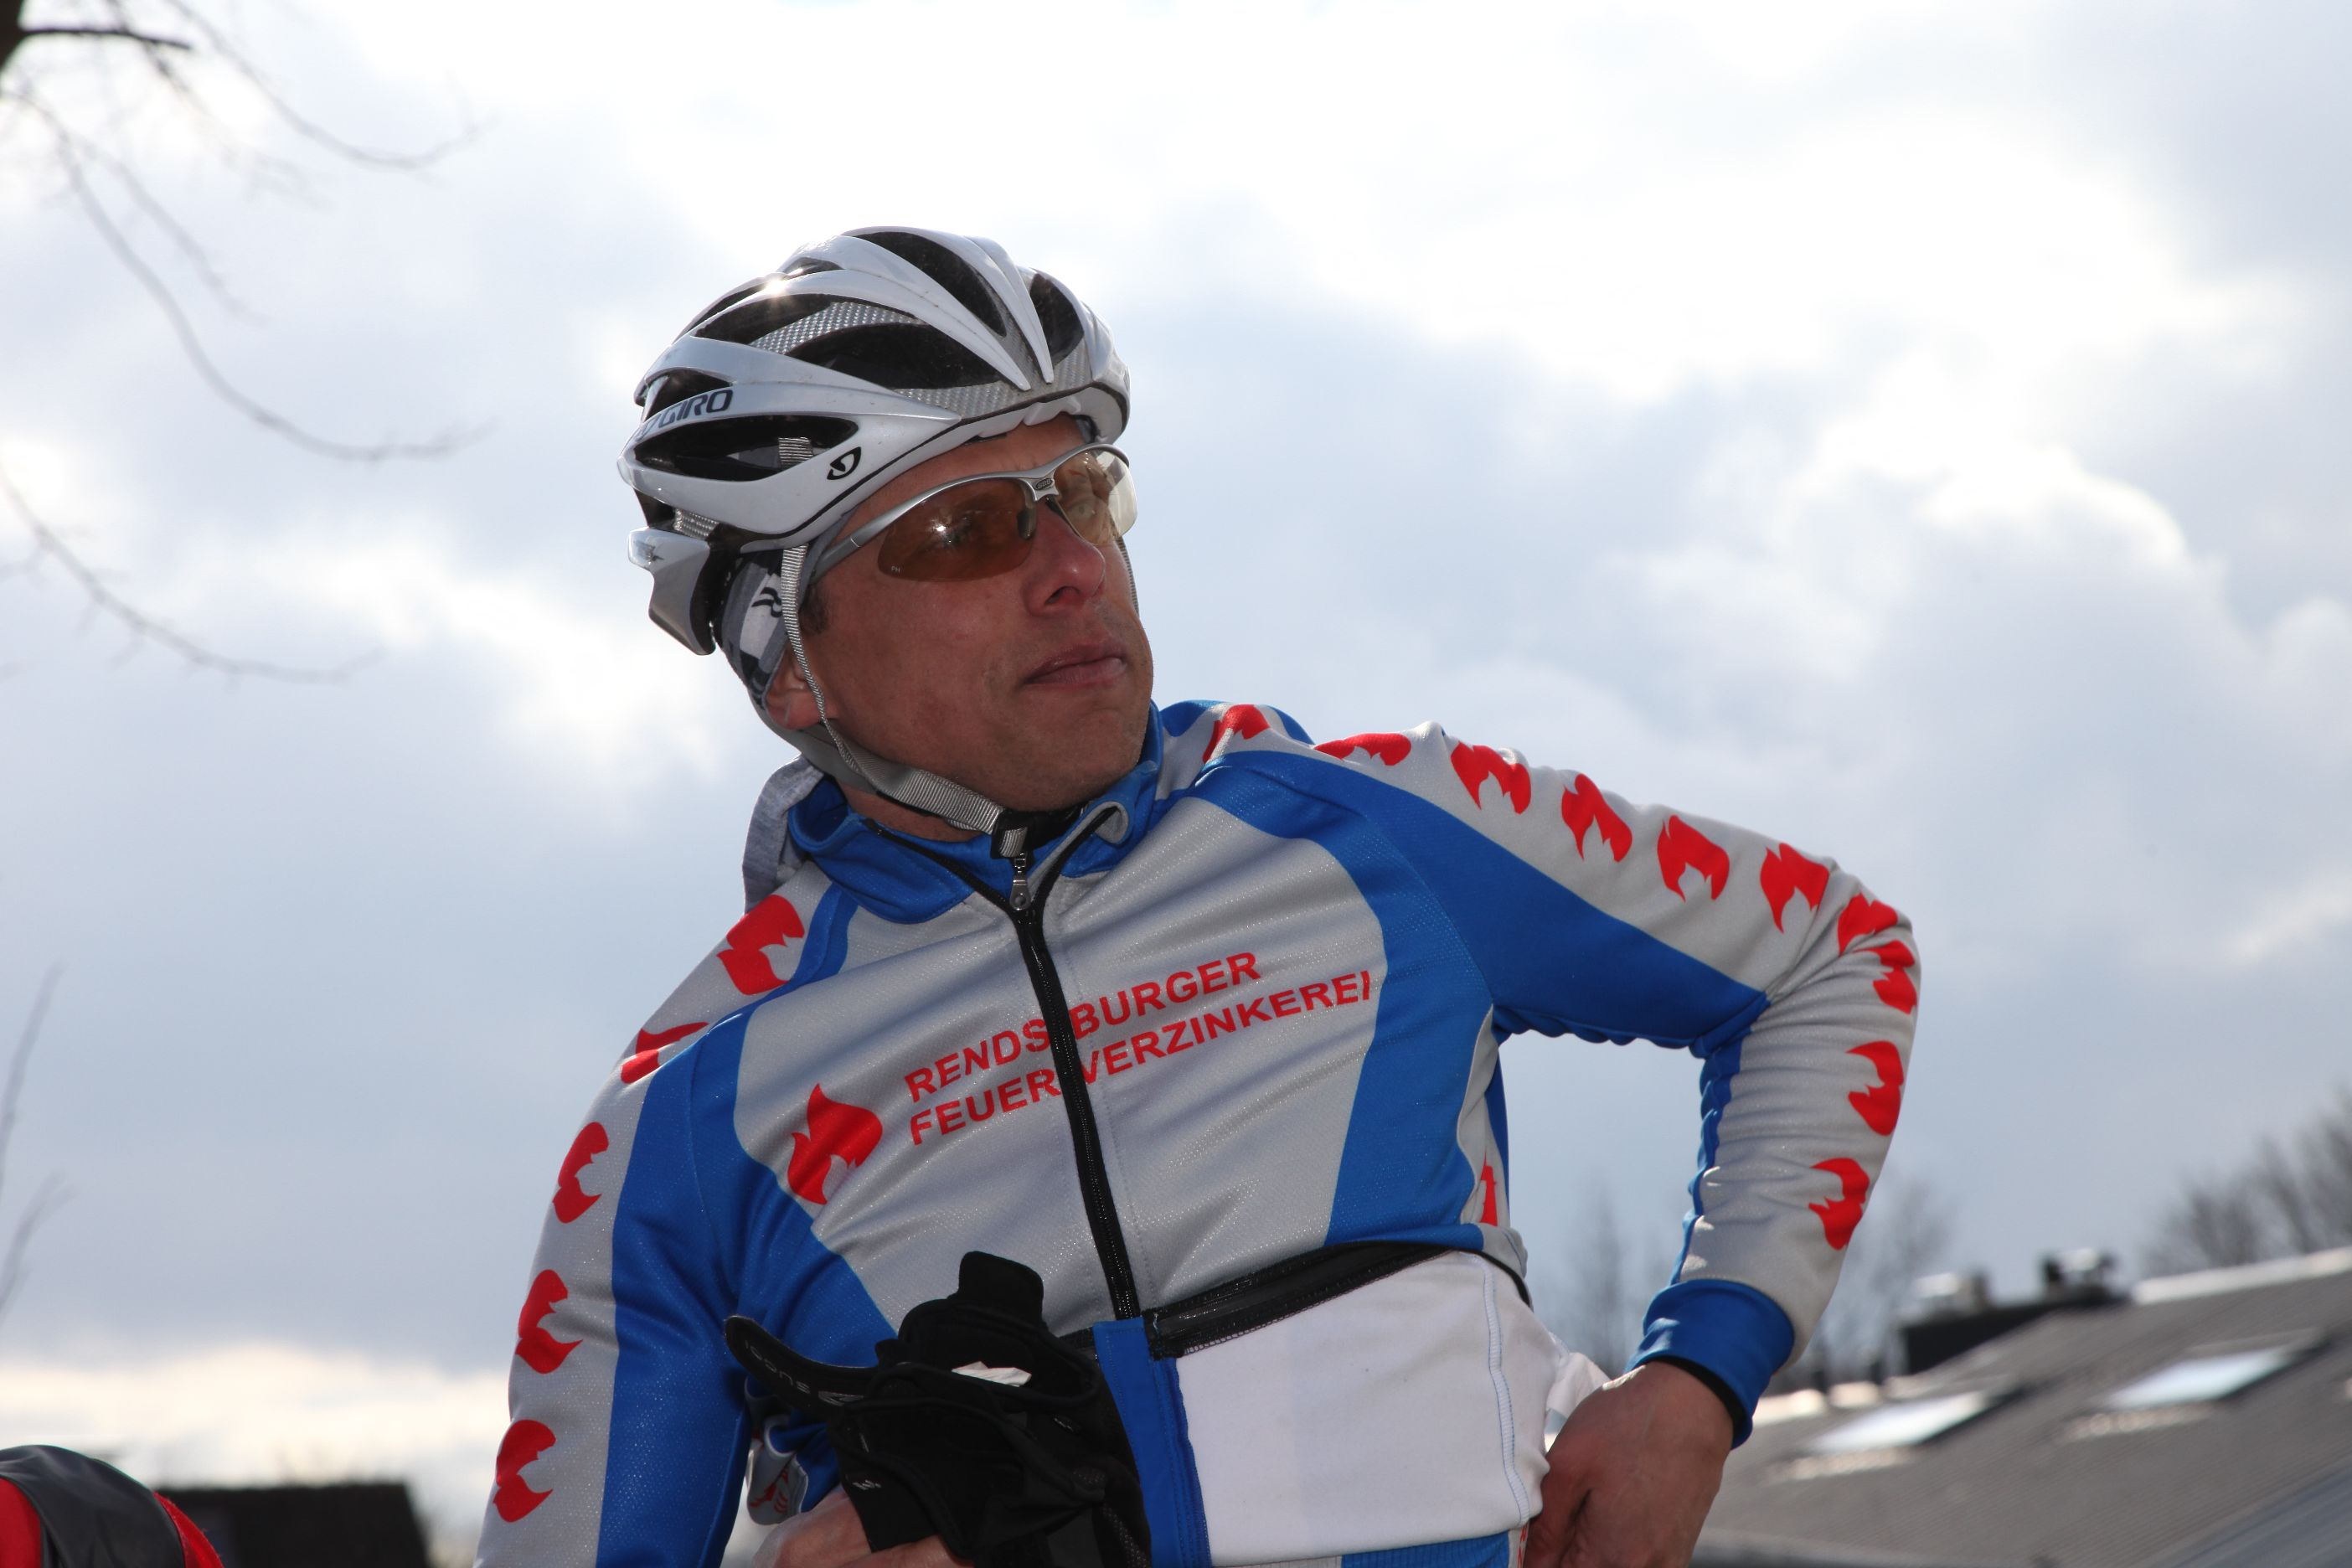 img_3057 ascheffel 2011